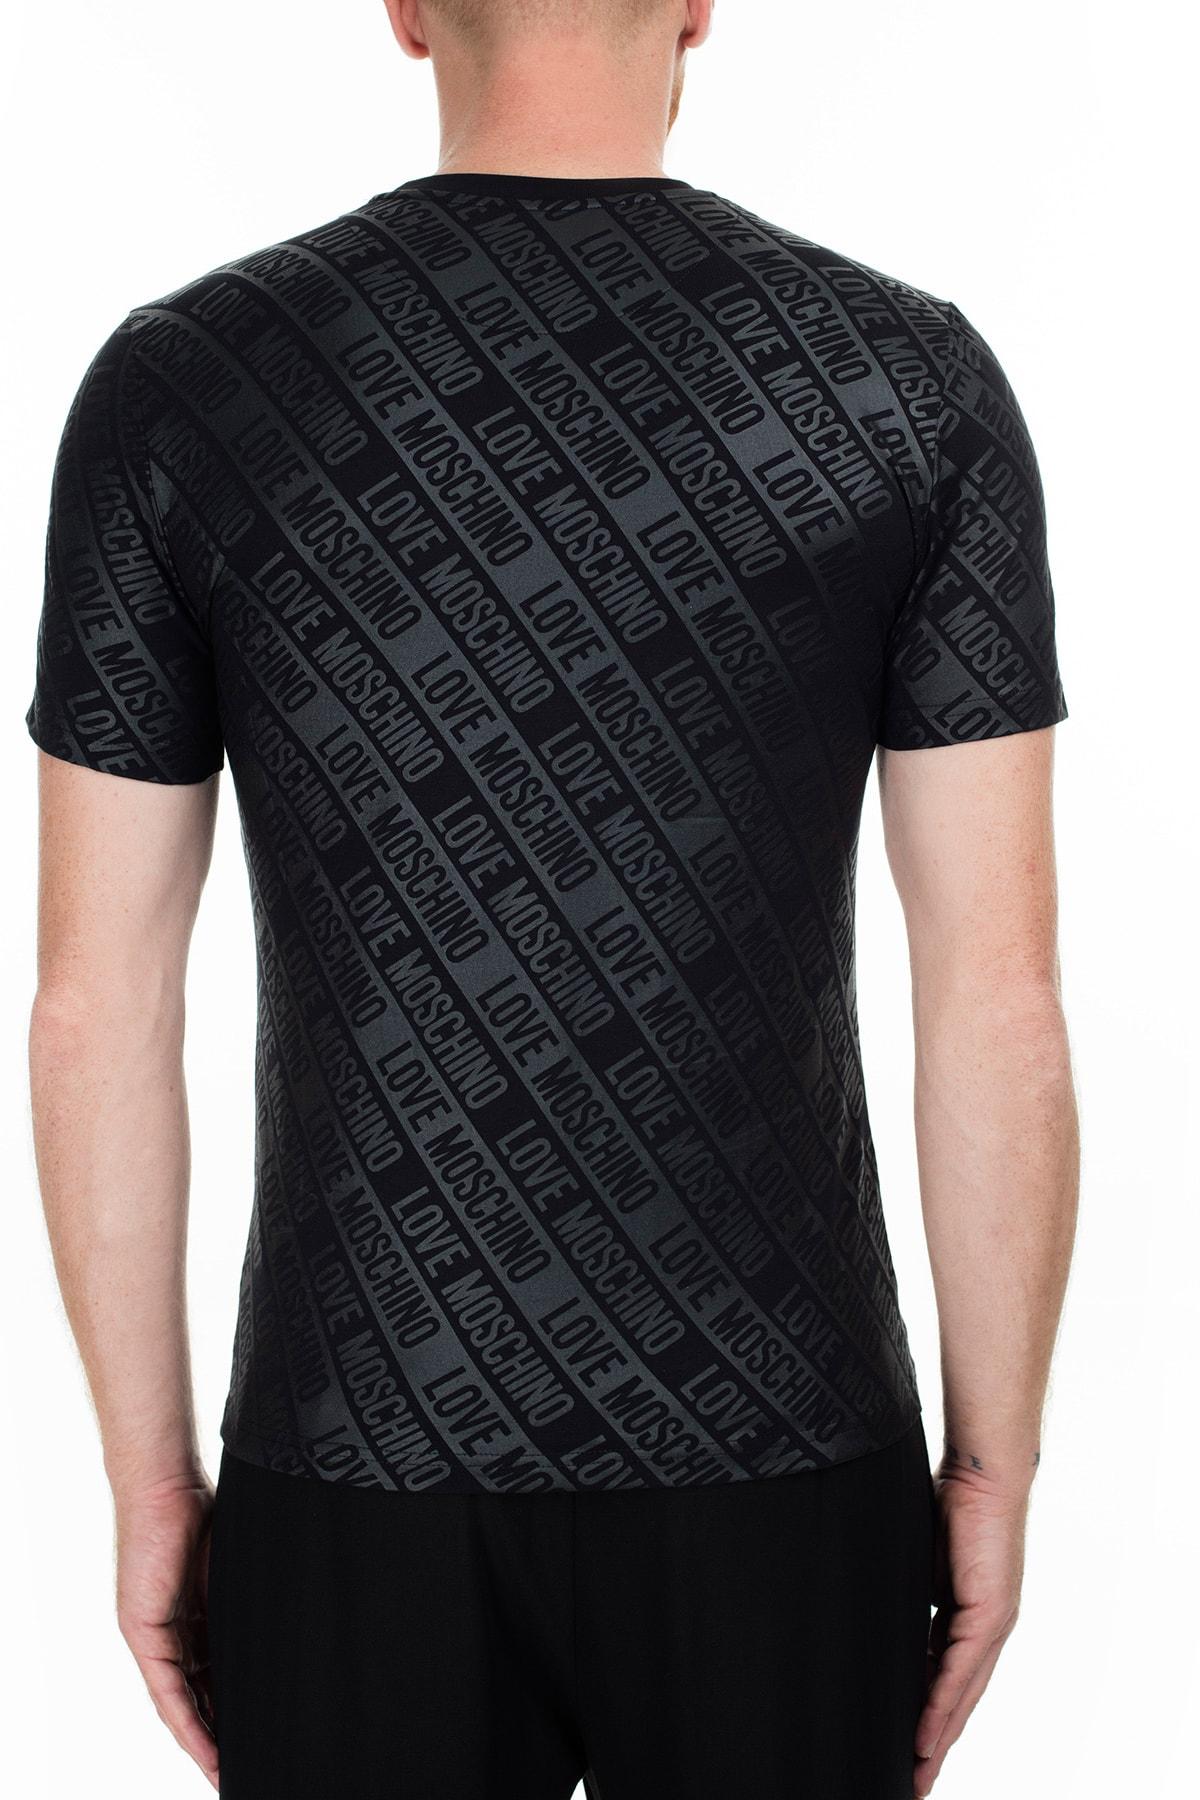 Love Moschino Erkek Siyah T-Shirt S M473100E2013 0017 2